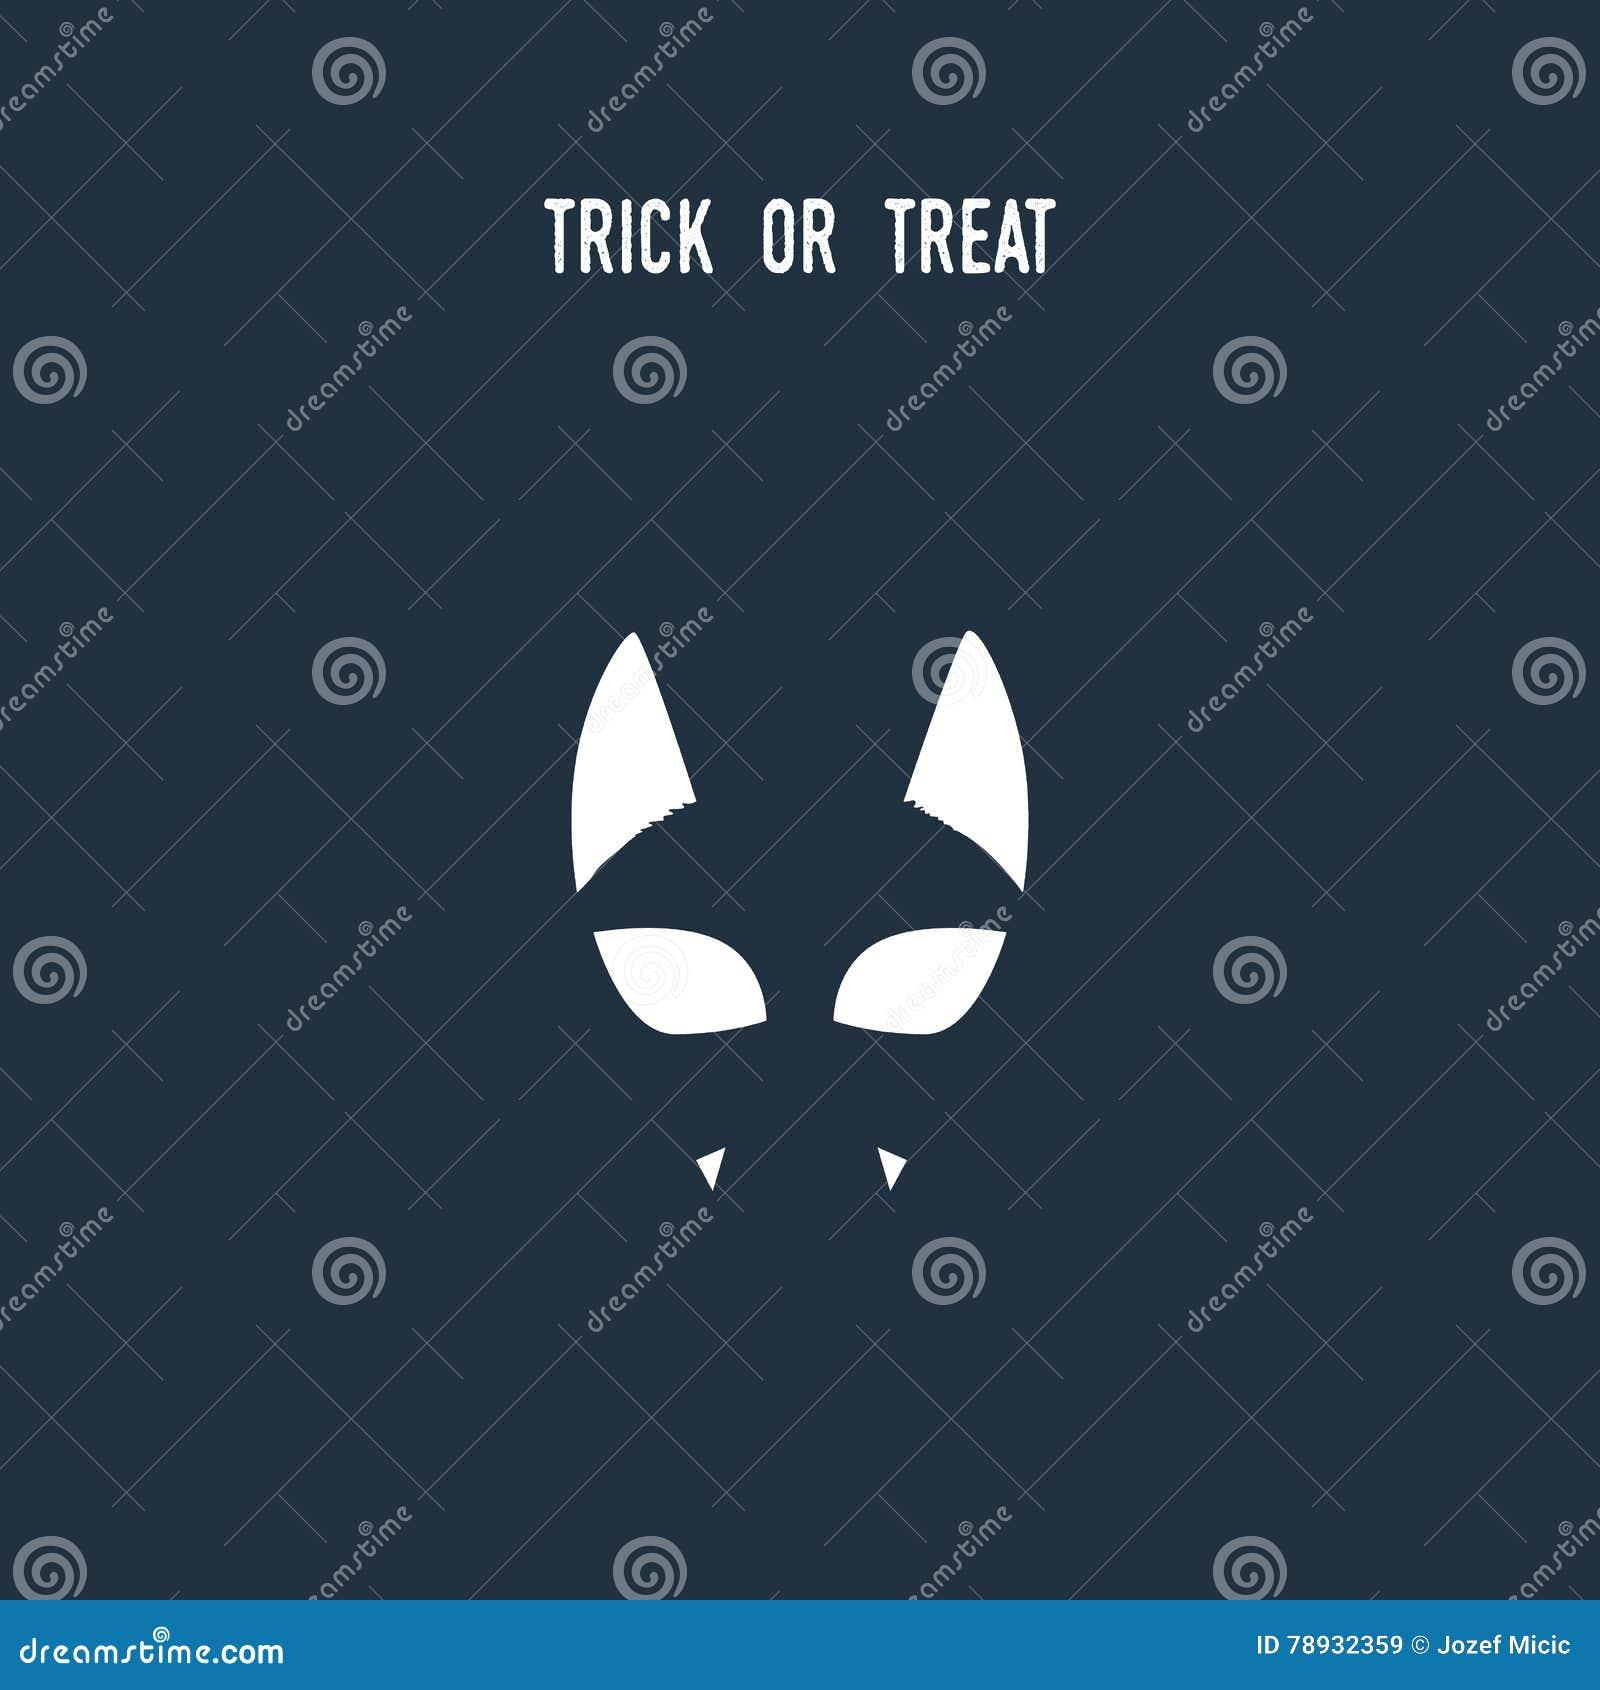 Halloween Gebruiken.Halloween Kattensymbool Die Negatief Ruimtesilhouet